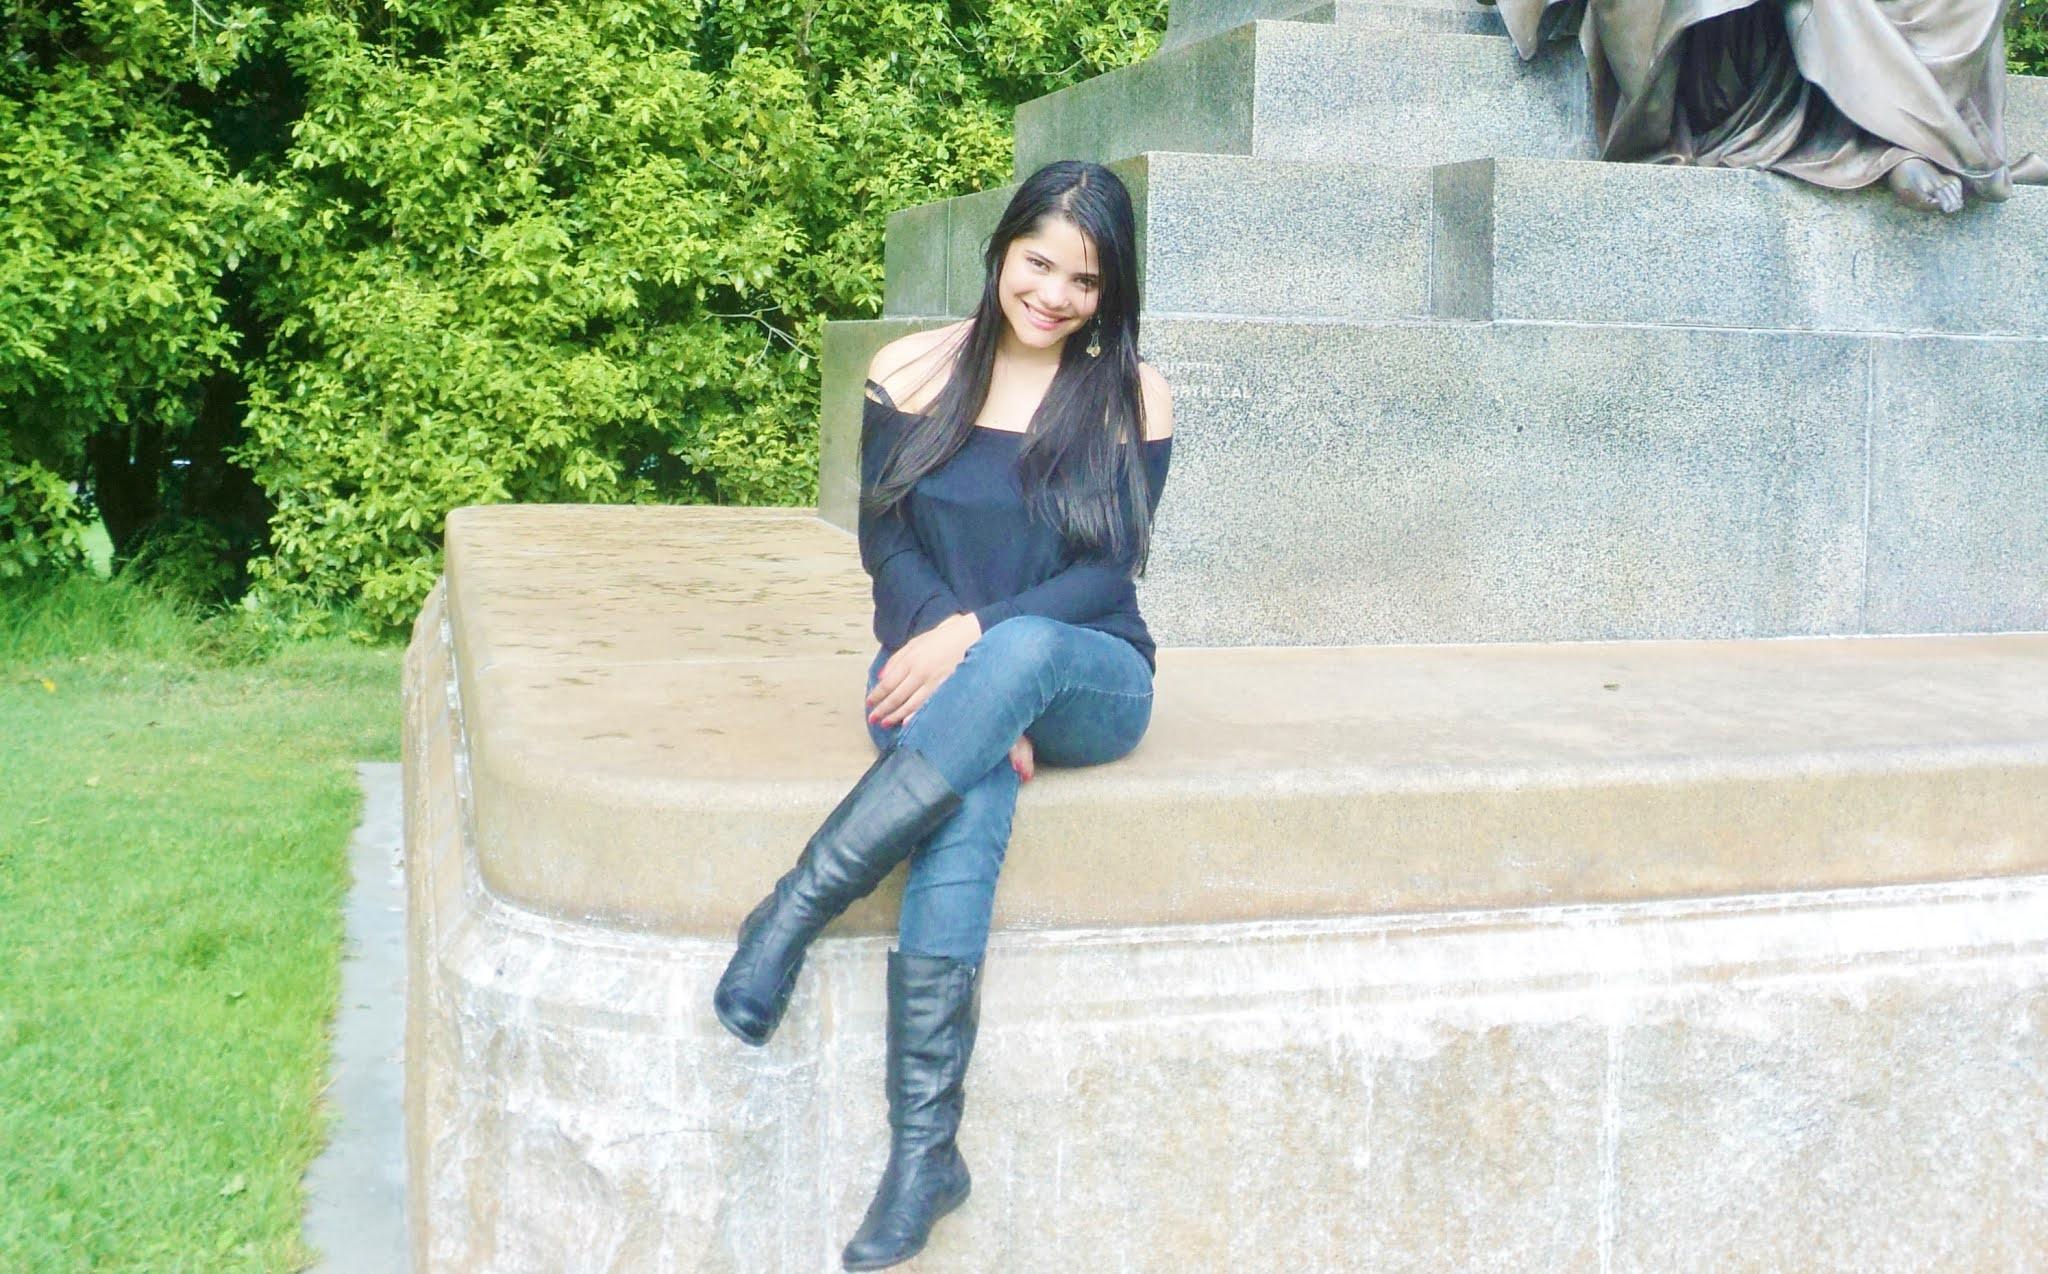 mulher sorrindo em um parque